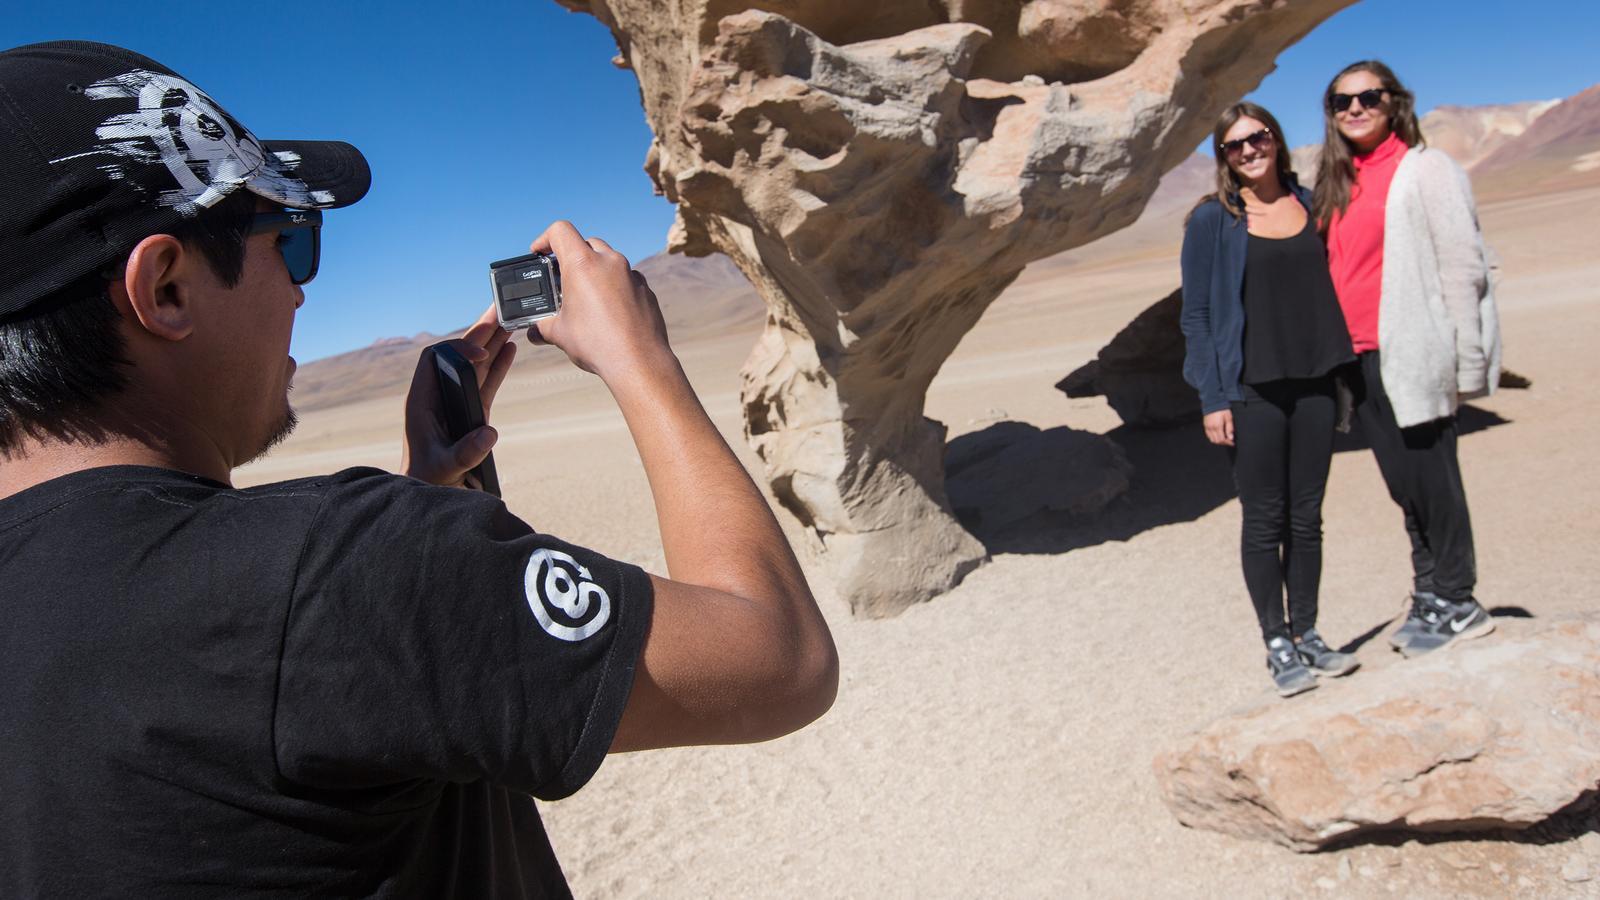 Südamerika Erlebnisreise junge Leute Peru Bolivien Chile Argentinien preiwert reisen traveljunkies